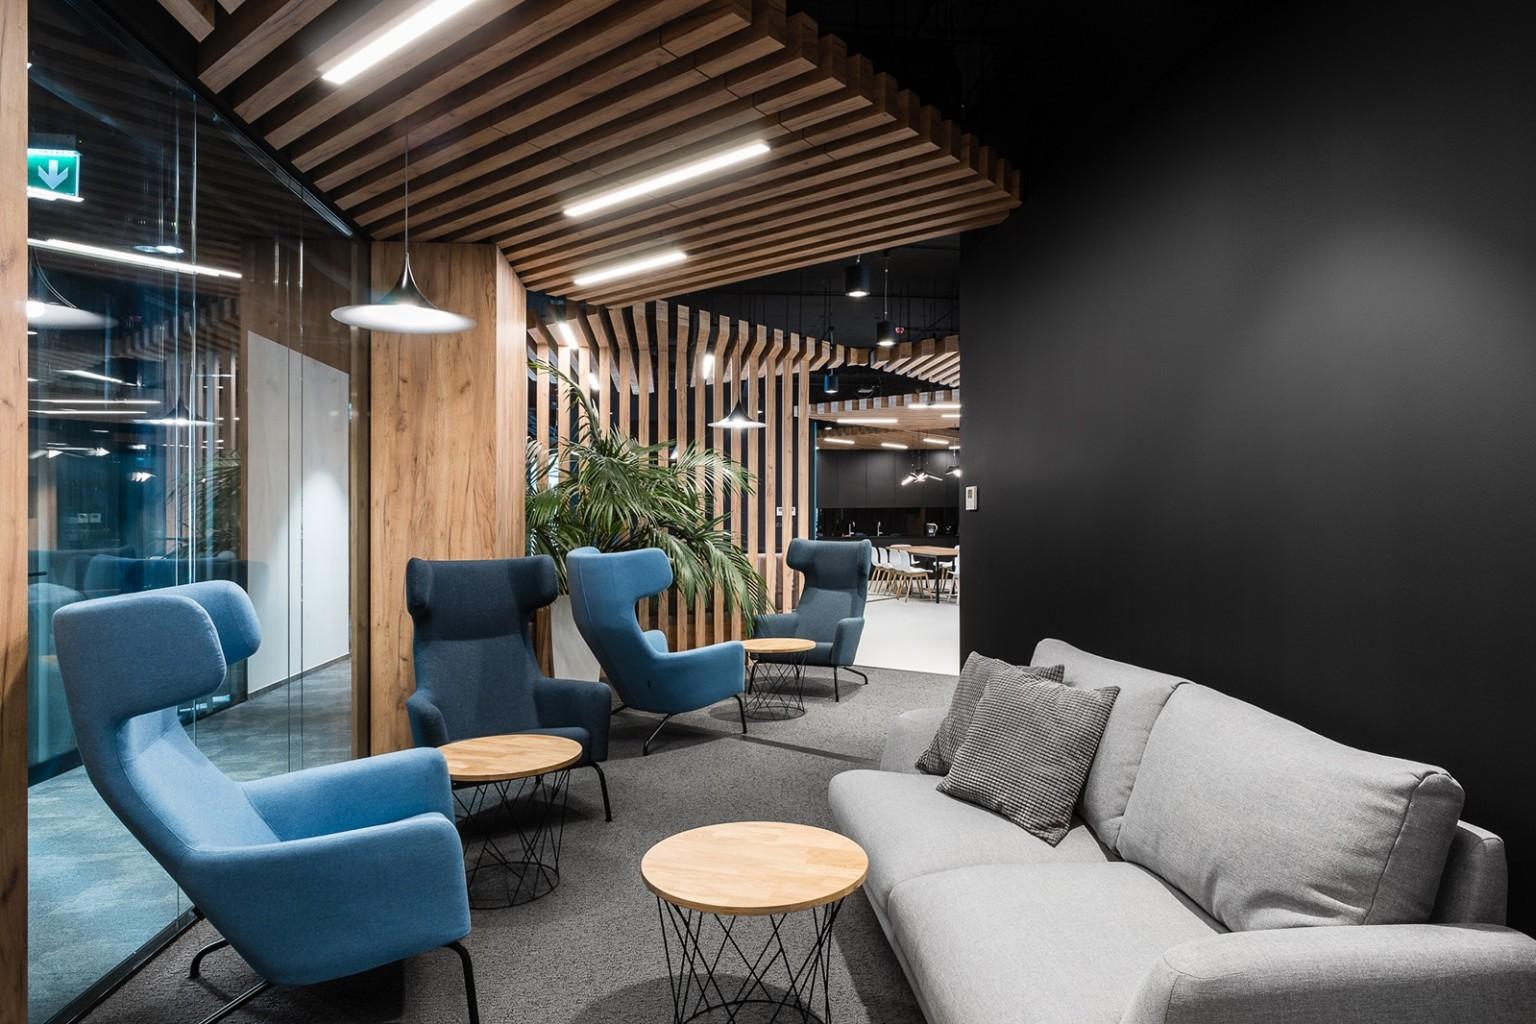 eset-office-krakow-5-768x512@2x.jpg